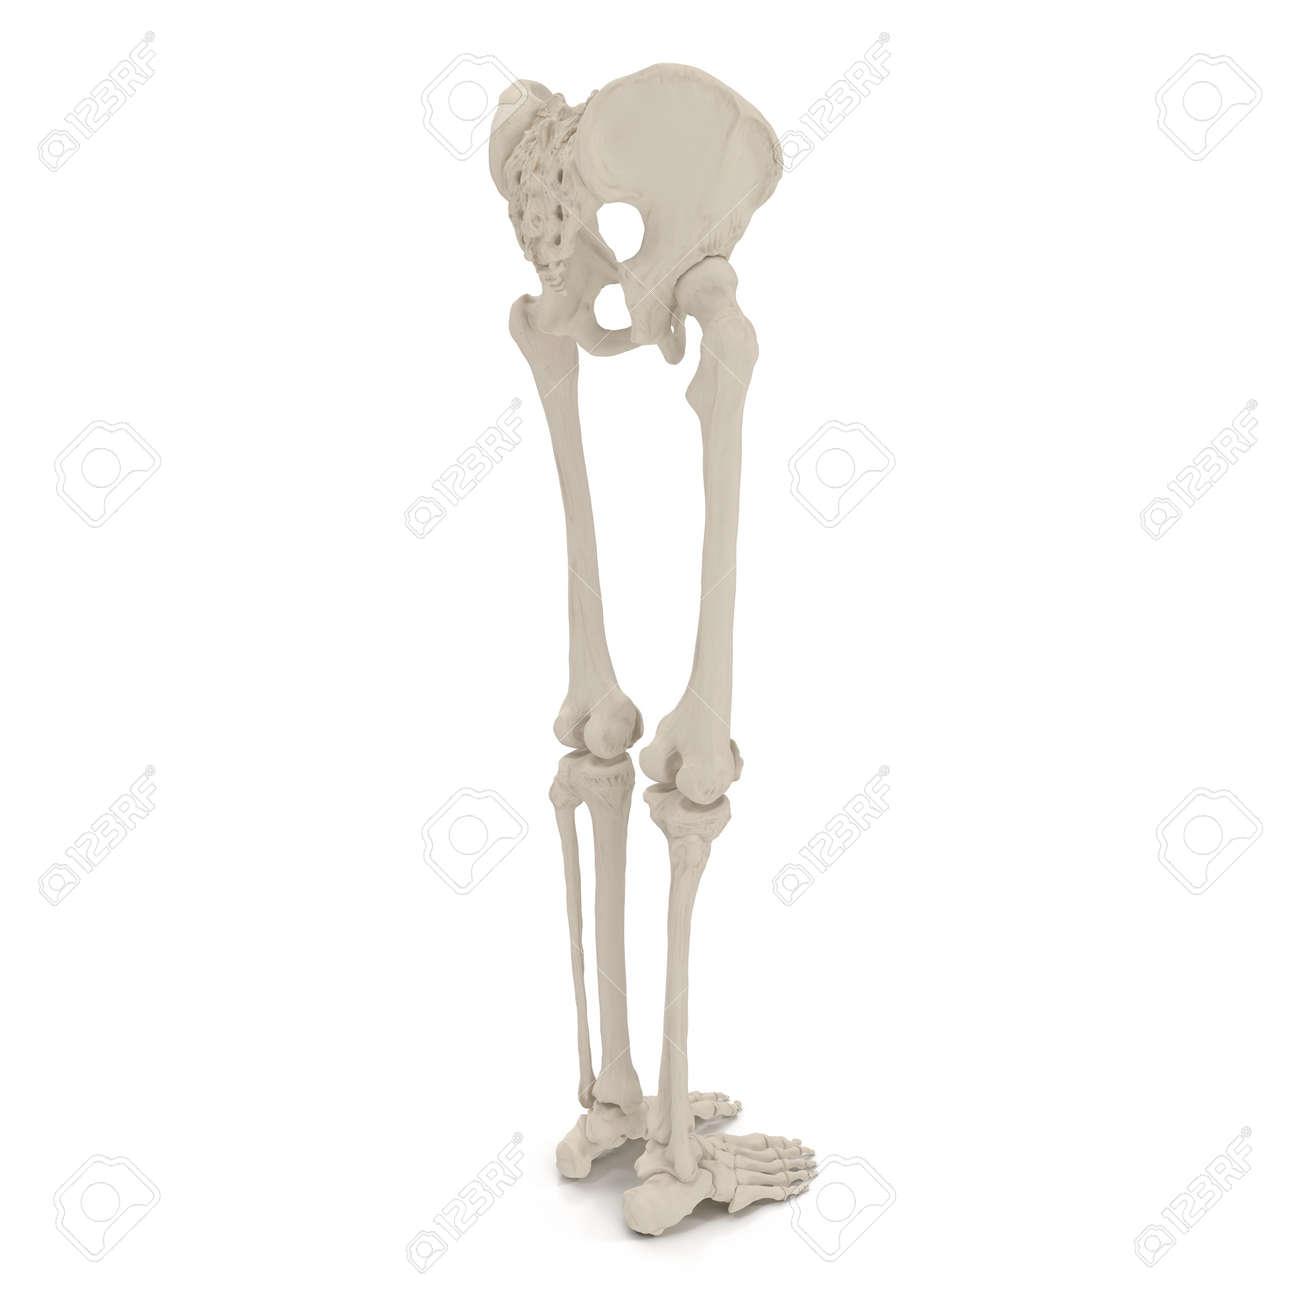 Männliches Unteres Körperskelett Auf Weiß. 3D-Darstellung ...